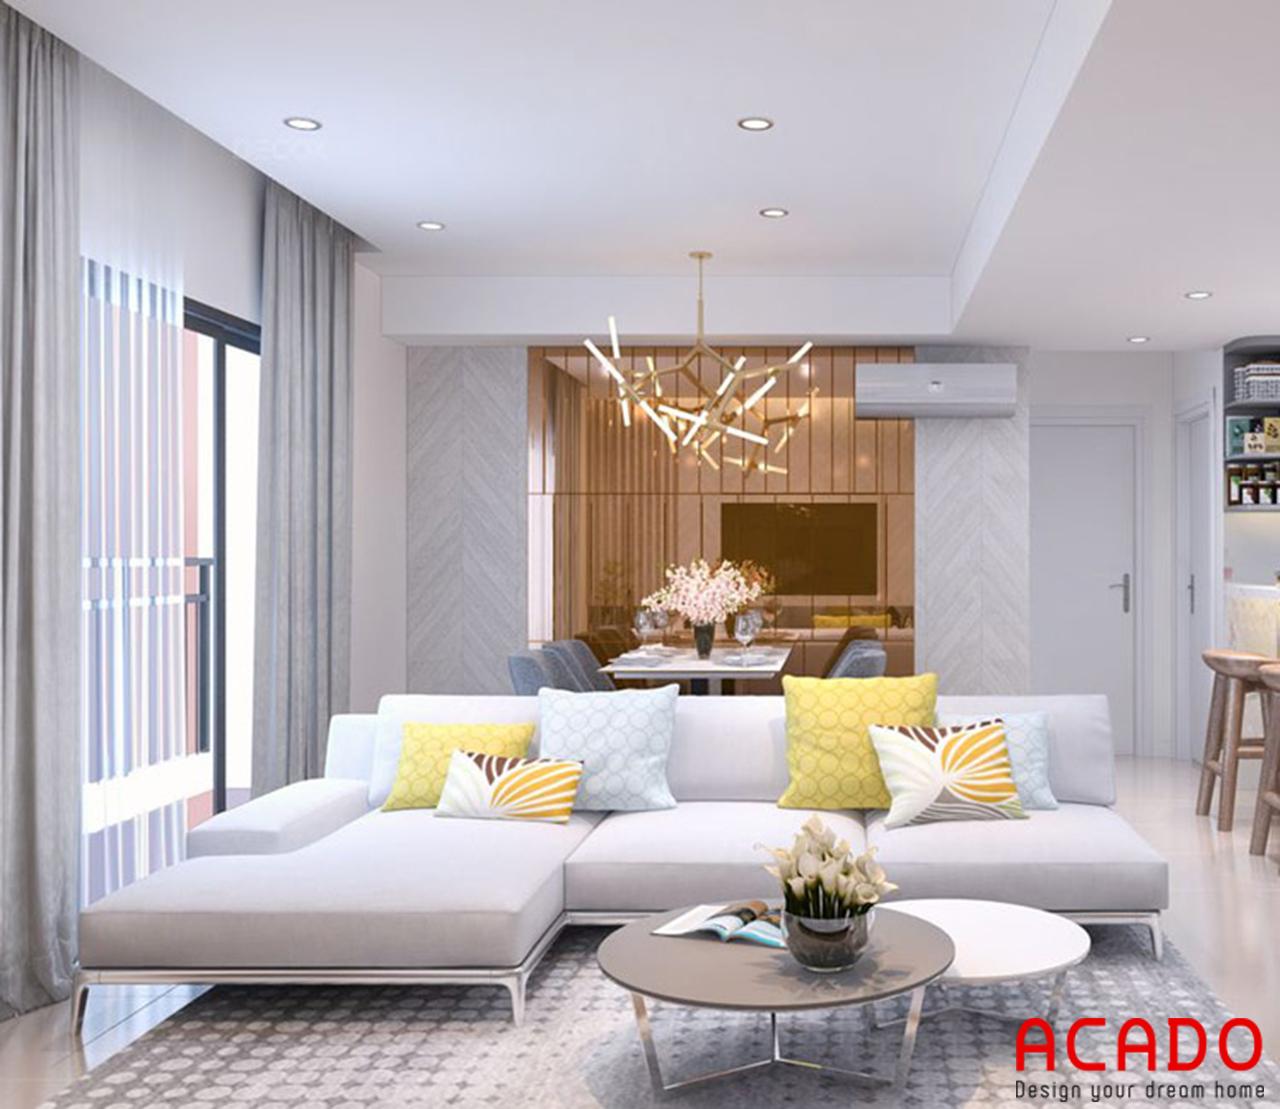 Không gian phòng khách sử dụng gam màu sáng tạo cảm giác rộng dãi, thoải mái